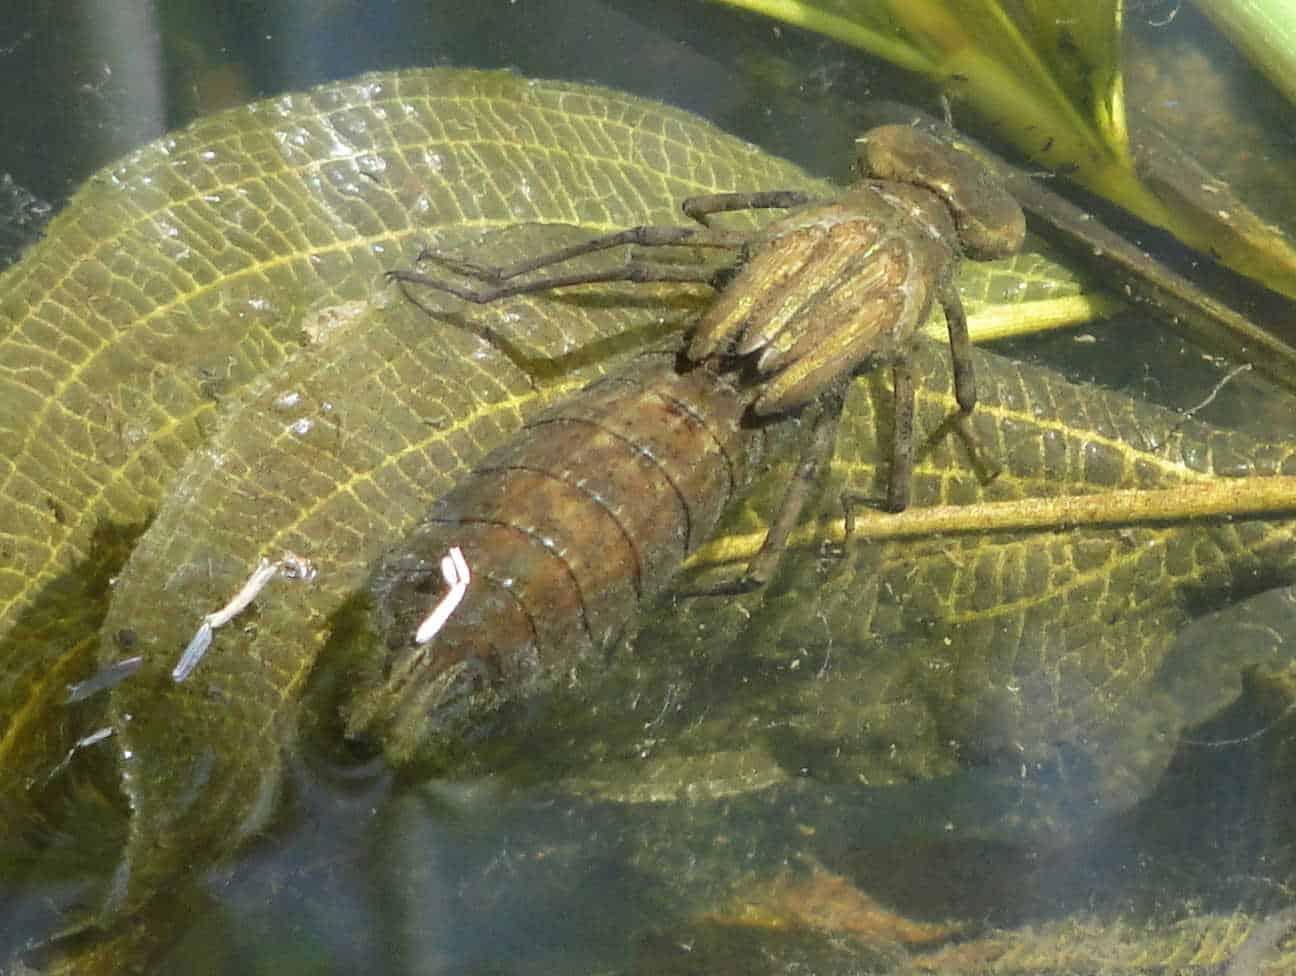 276: Libellenlarven im Aquarium entdeckt - Eingeschleppte Freunde oder Feinde? (Dr. Stefan Karl Hetz) 17